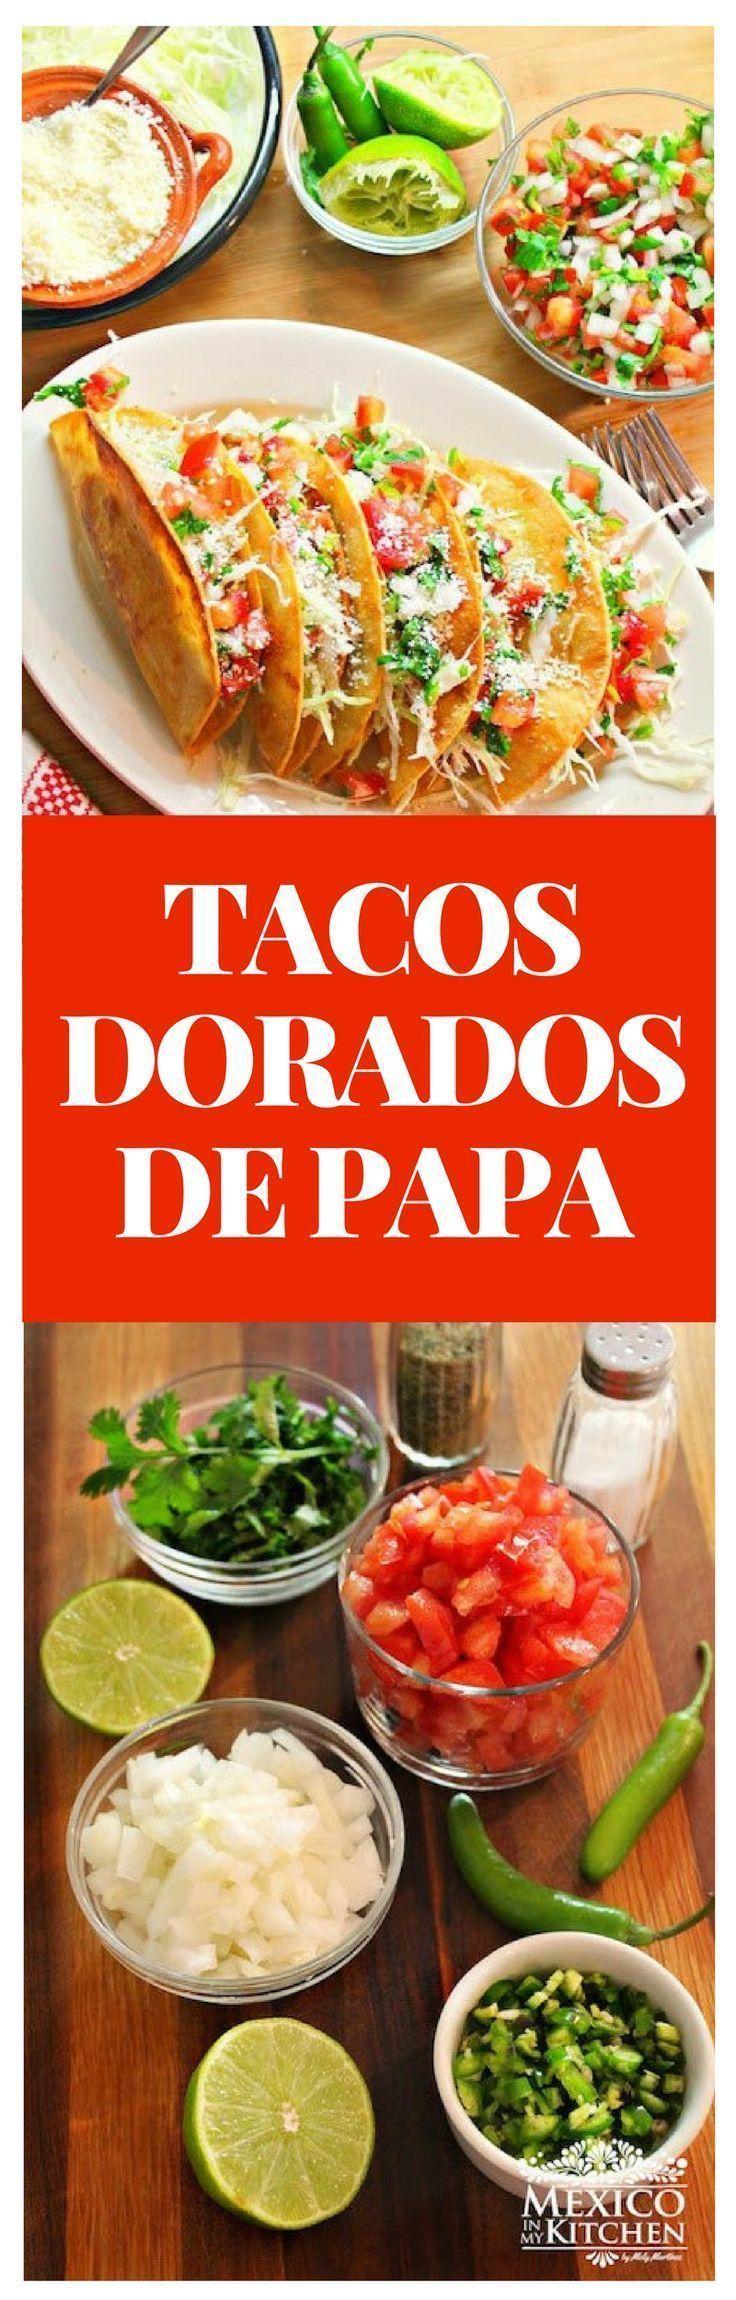 Los Tacos Dorados de Papa es uno platillo muy popularque tanto a niños como adultos les encantan. No necesitas muchos ingredientes para prepararlos, e incluso puedes prepararlos con anticipación y sólo calentarlos en el horno.#mexico #receta #tacos